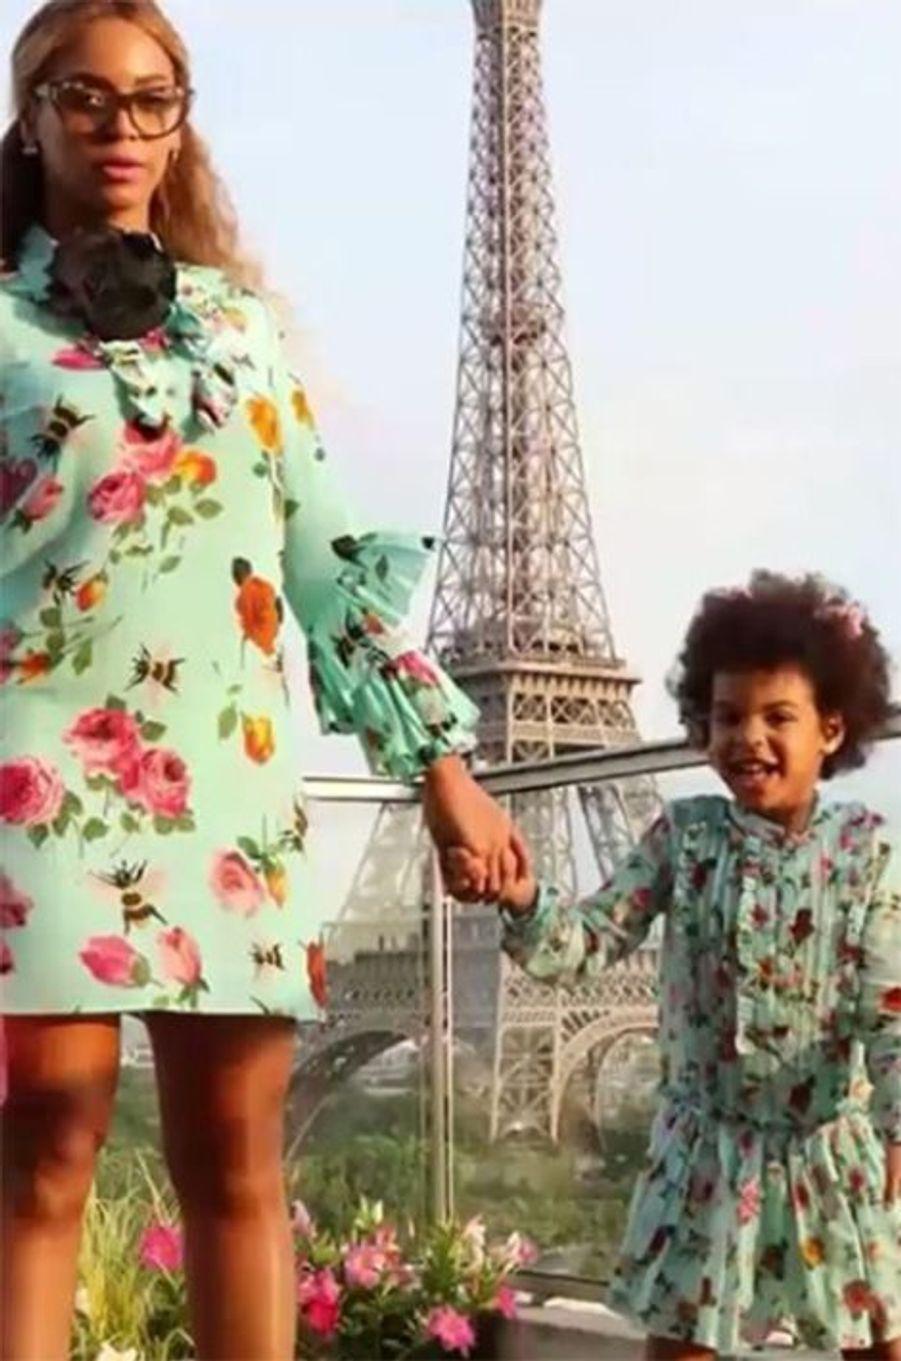 Blue Ivy prend la pose devant la Tour Eiffel avec sa mère lors de son dernier passage à Paris.